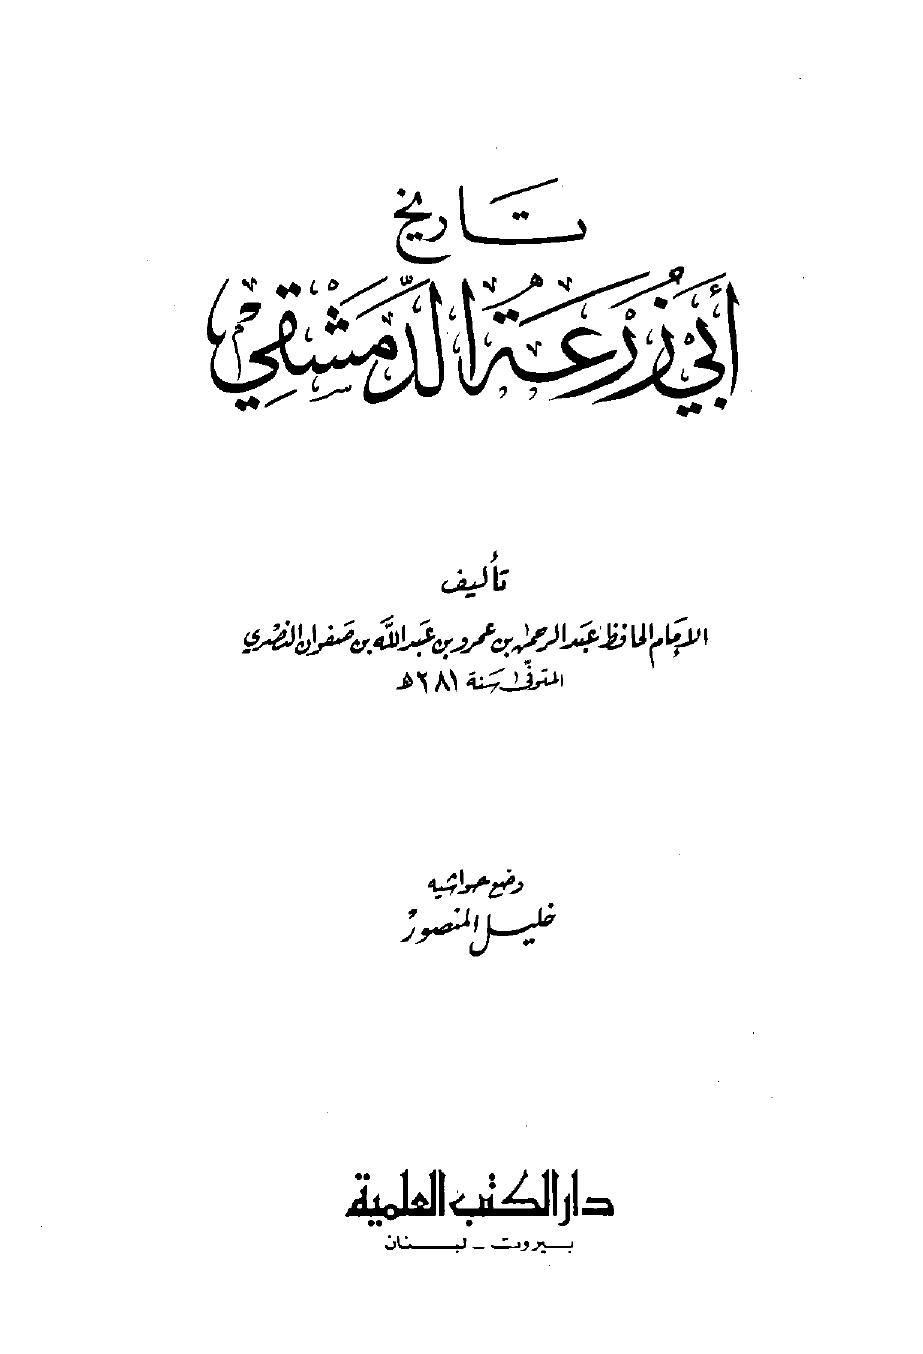 ❞ كتاب تاريخ أبي زرعة الدمشقي ❝  ⏤ عبد الرحمن بن عمرو بن عبد الله بن صفوان النصري